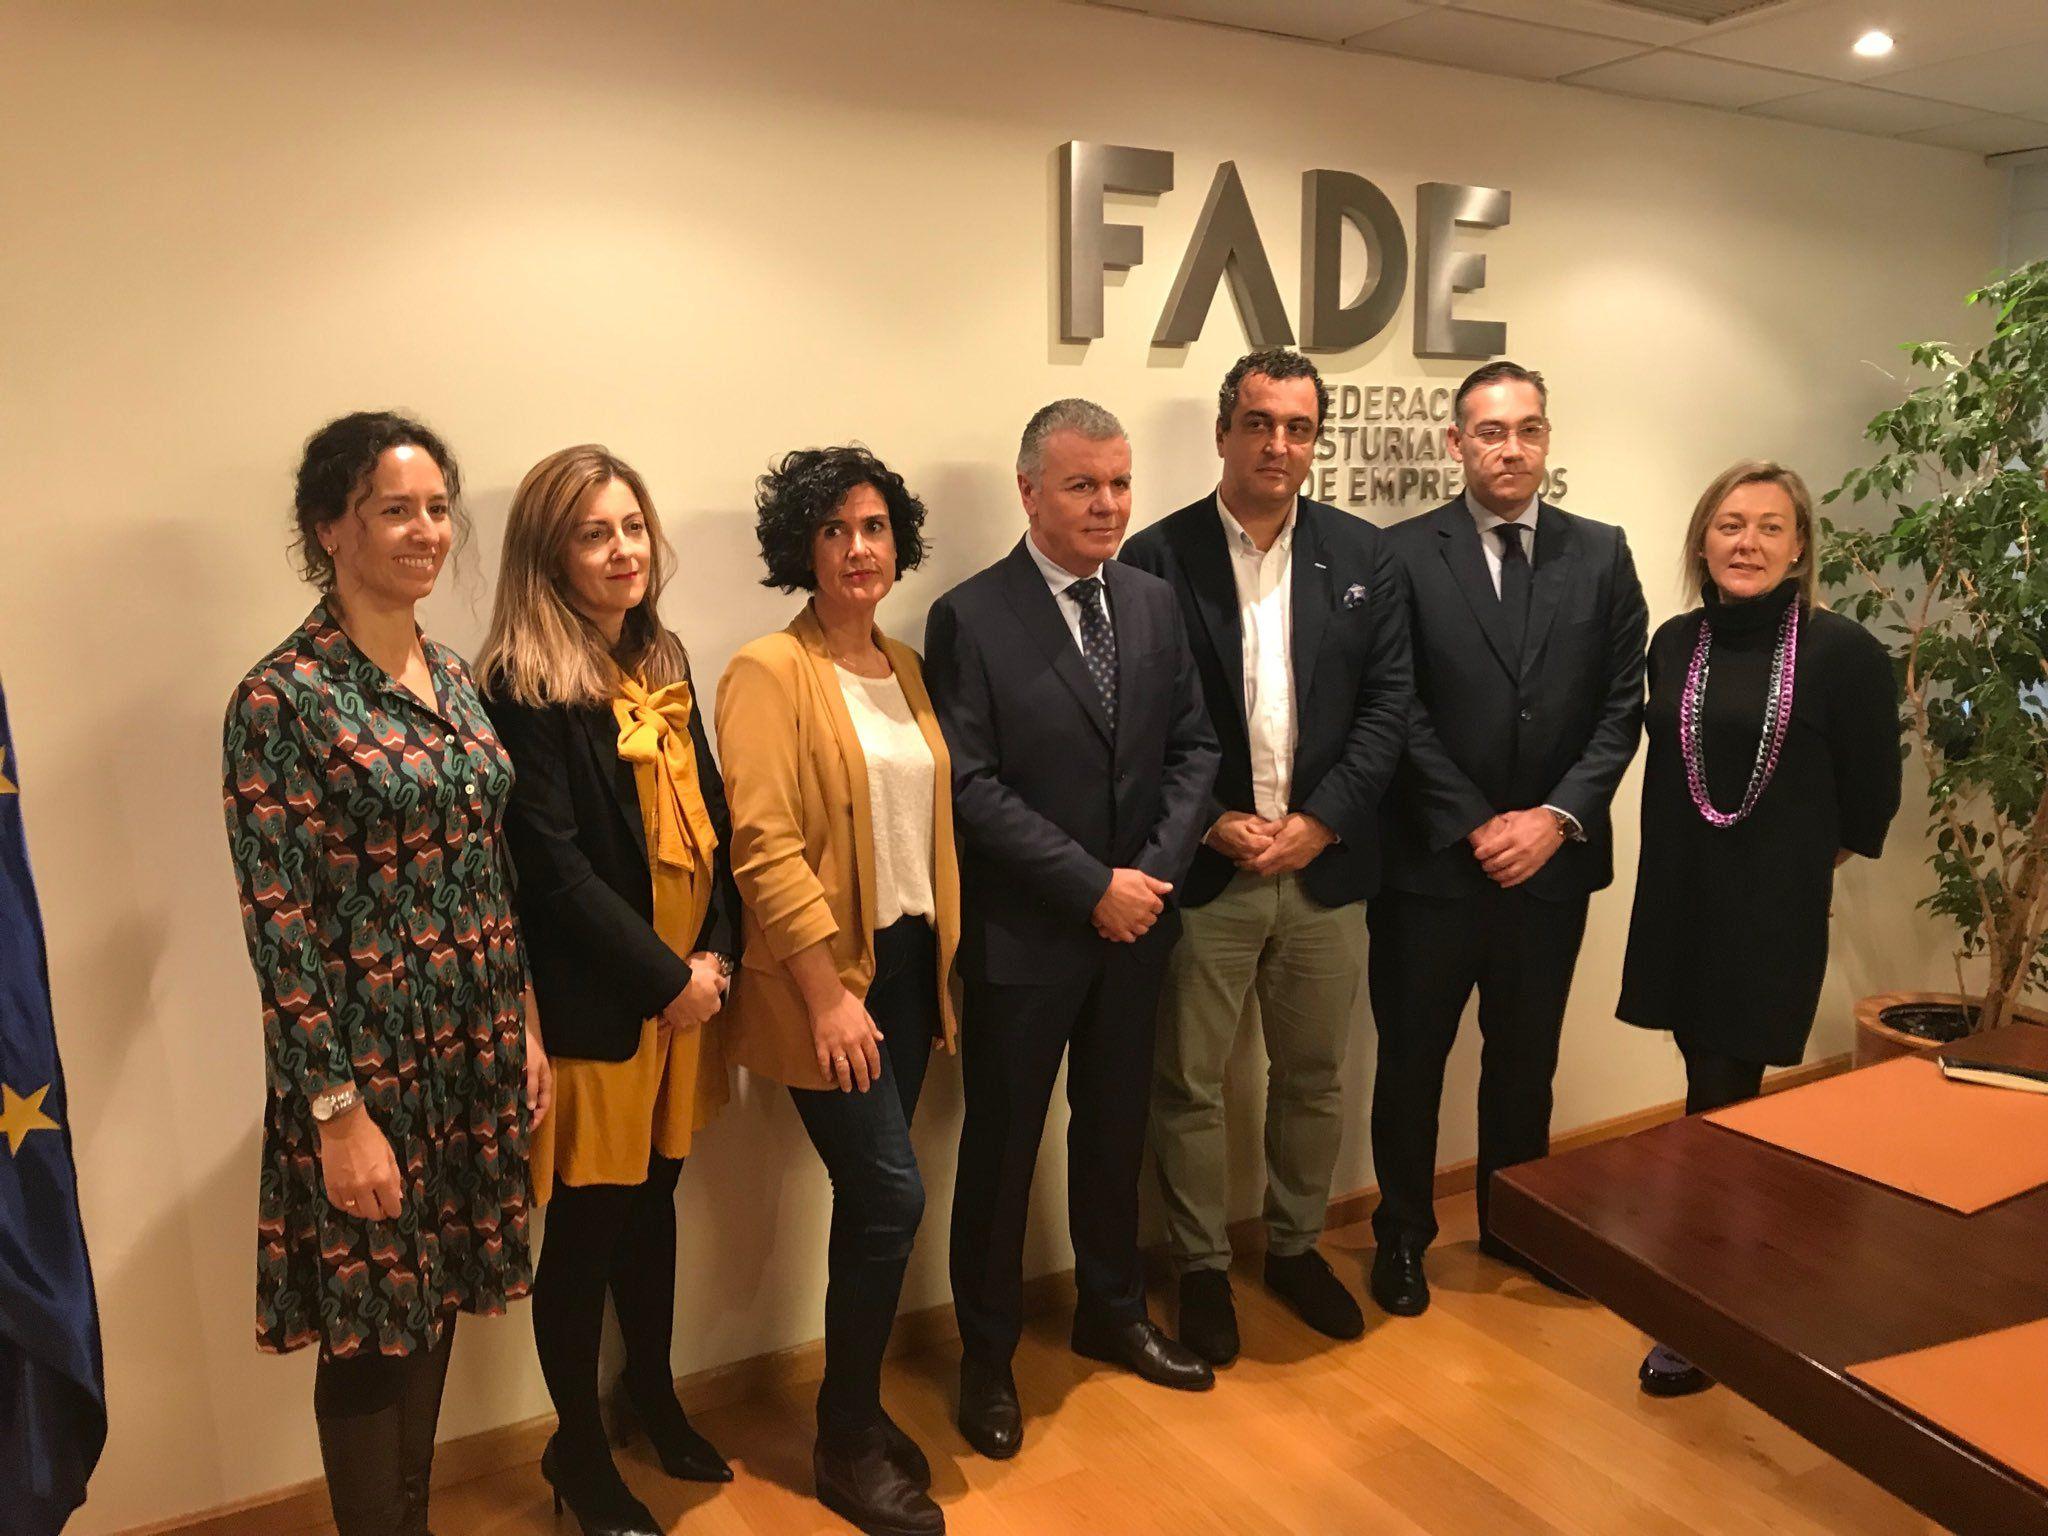 Firma del acuerdo entre Alimerka, El Corte Inglés, MasyMas y Mercadona y la Cámara de Comercio para impulsar el comercio en Oviedo